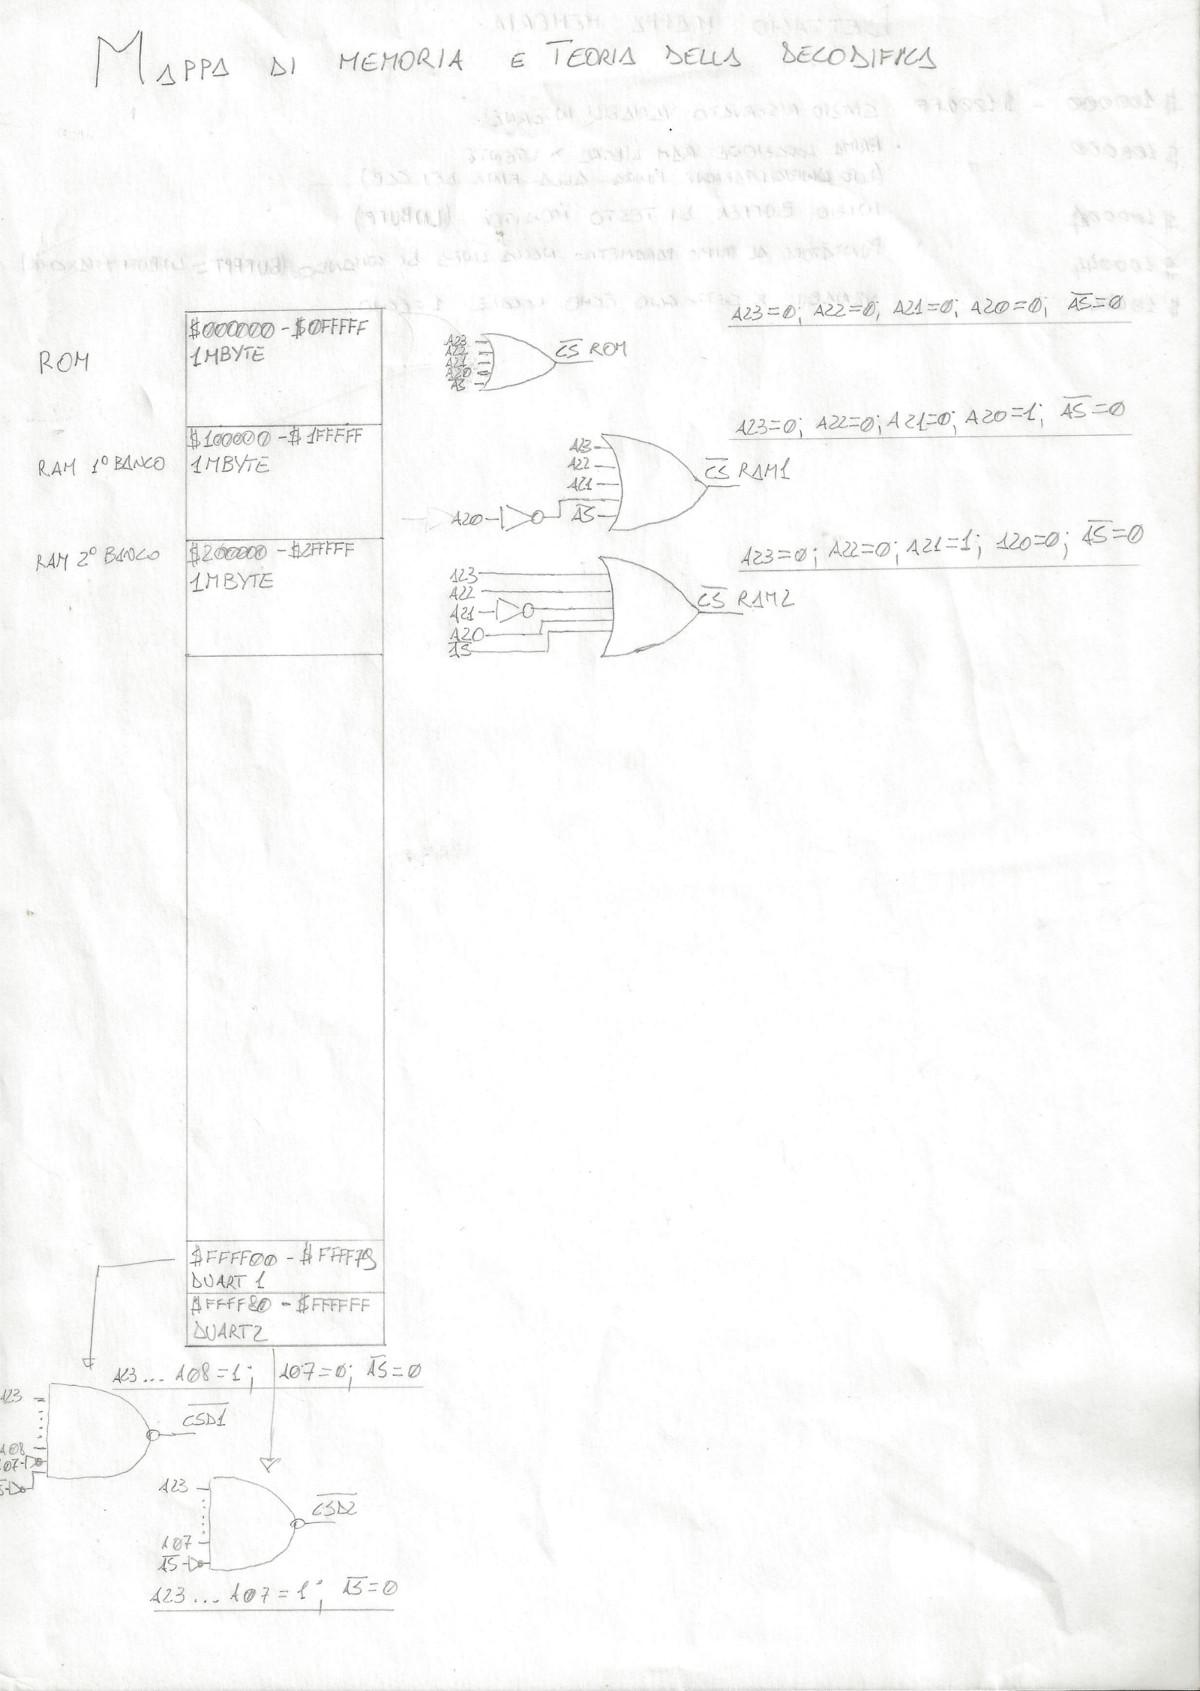 Mappa di memoria e teoria della decodifica.